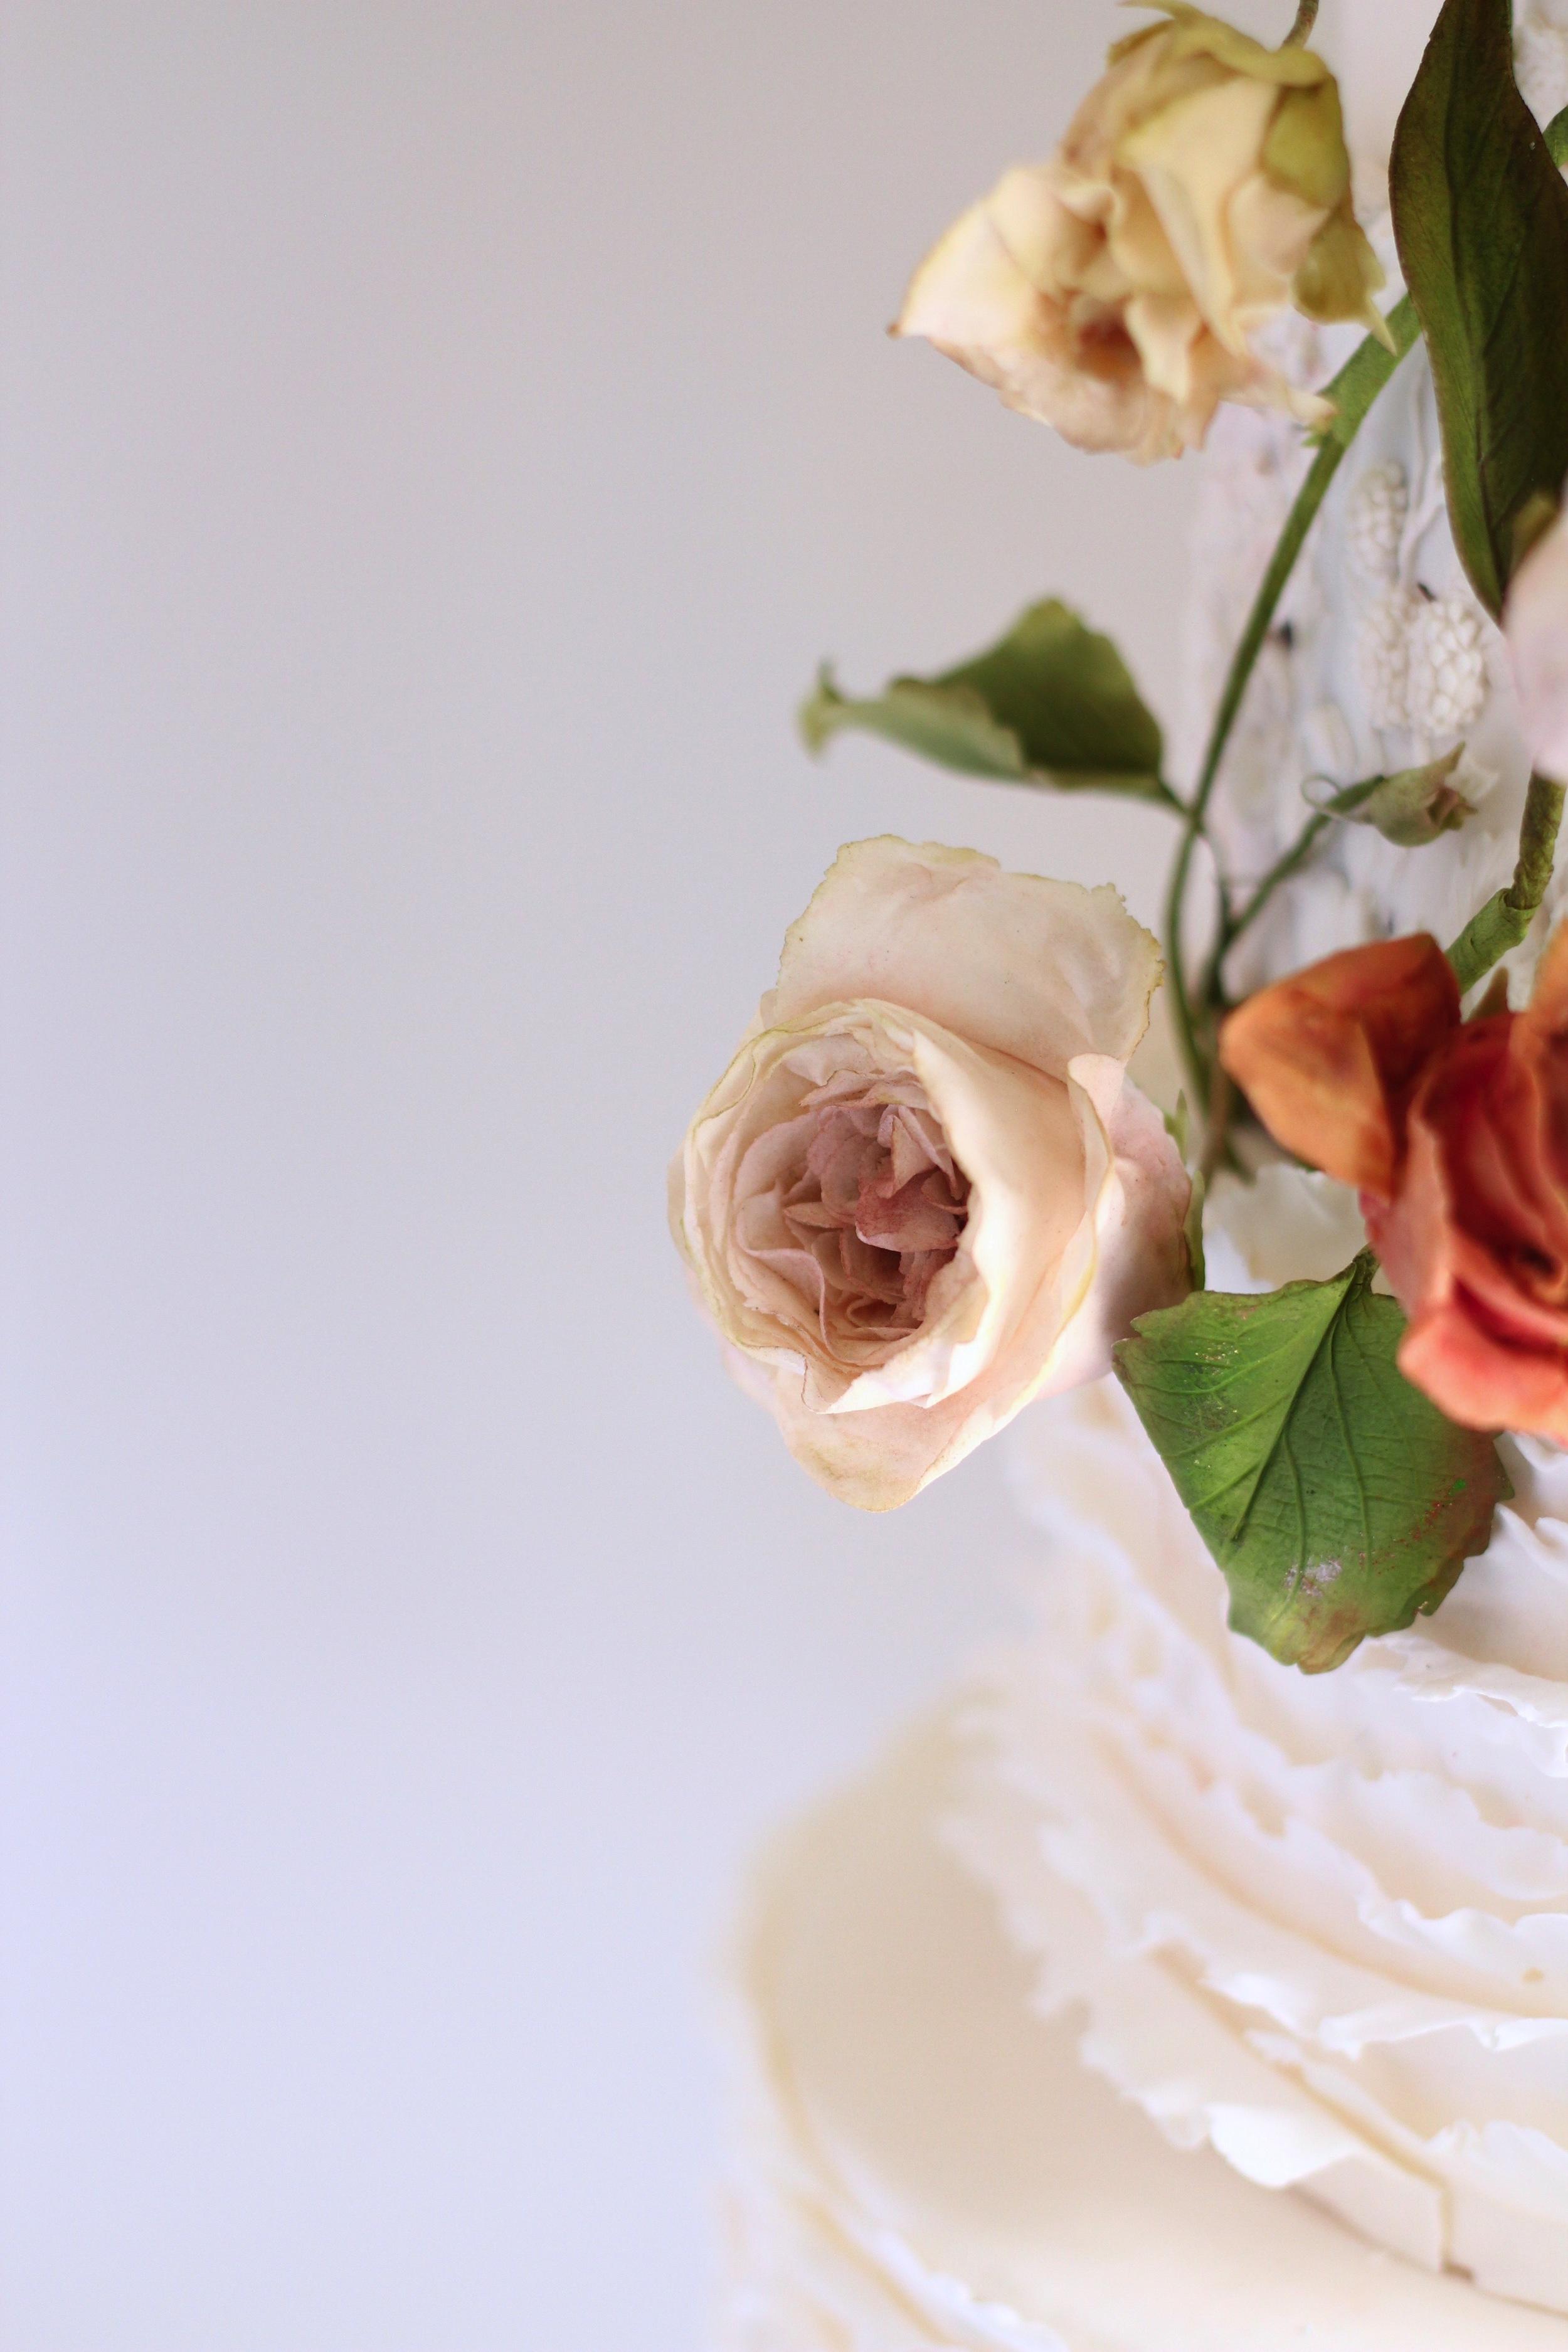 garden roses made of sugar by jaime gerard cake